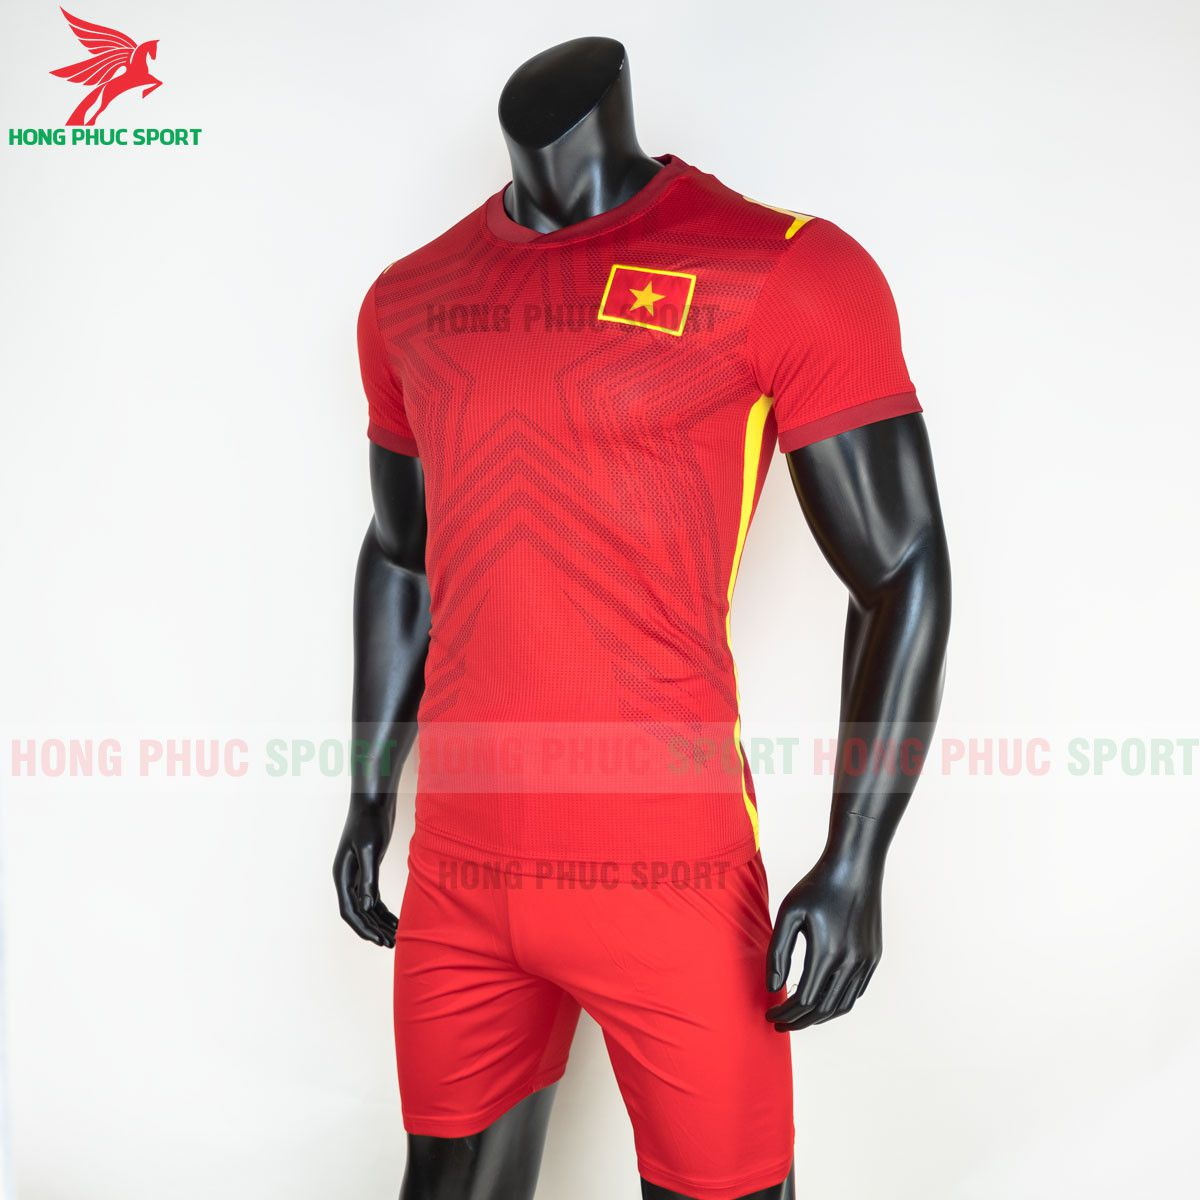 https://cdn.hongphucsport.com/unsafe/s4.shopbay.vn/files/285/ao-bong-da-tuyen-viet-nam-2021-san-nha-hang-thai-4-60d30ffb98c9a.jpg